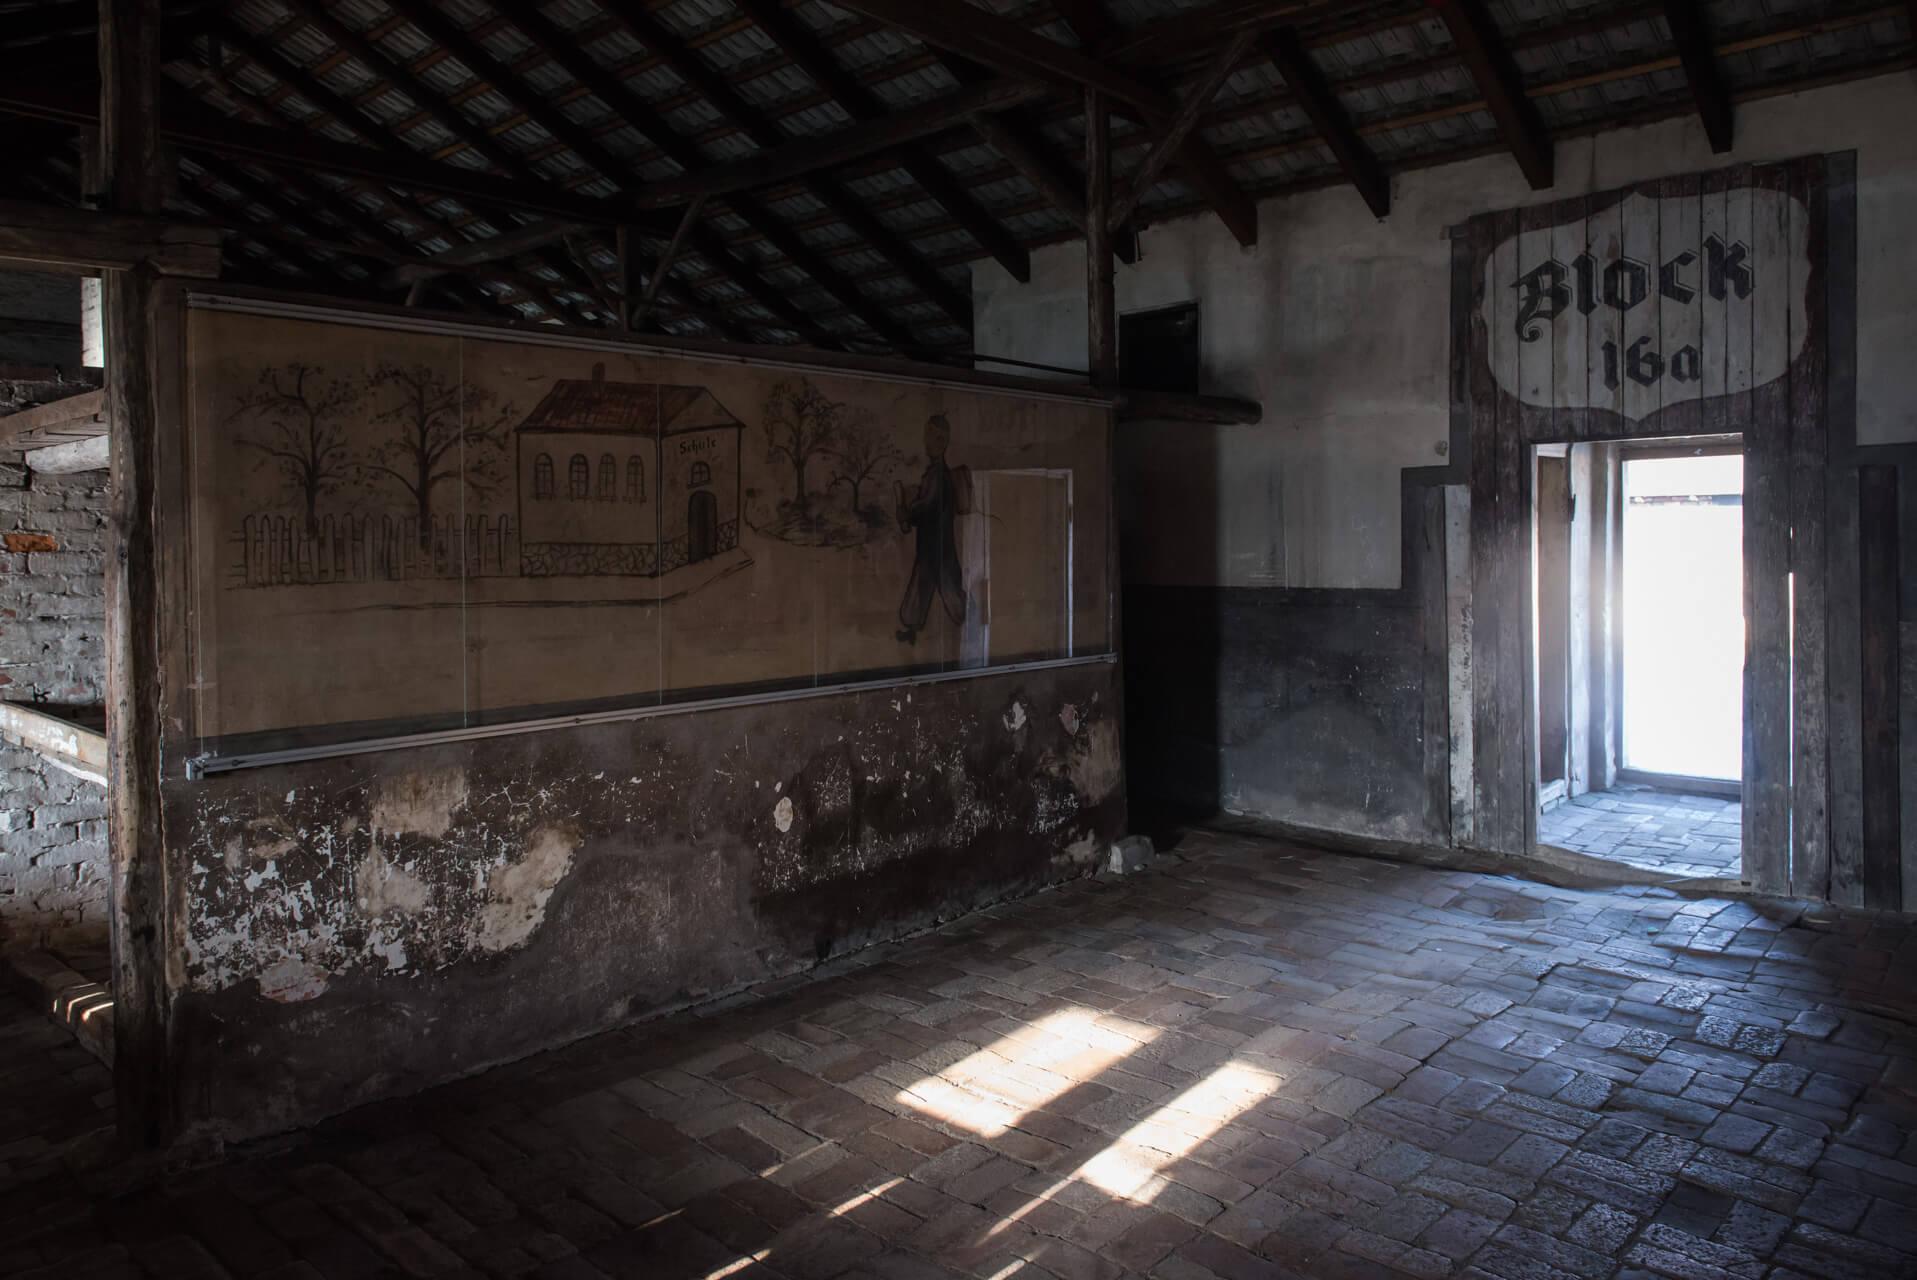 Kinderbaracke, Vernichtungslager Auschwitz-Birkenau, Kinderbaracke; Fotograf Steffen Lohse